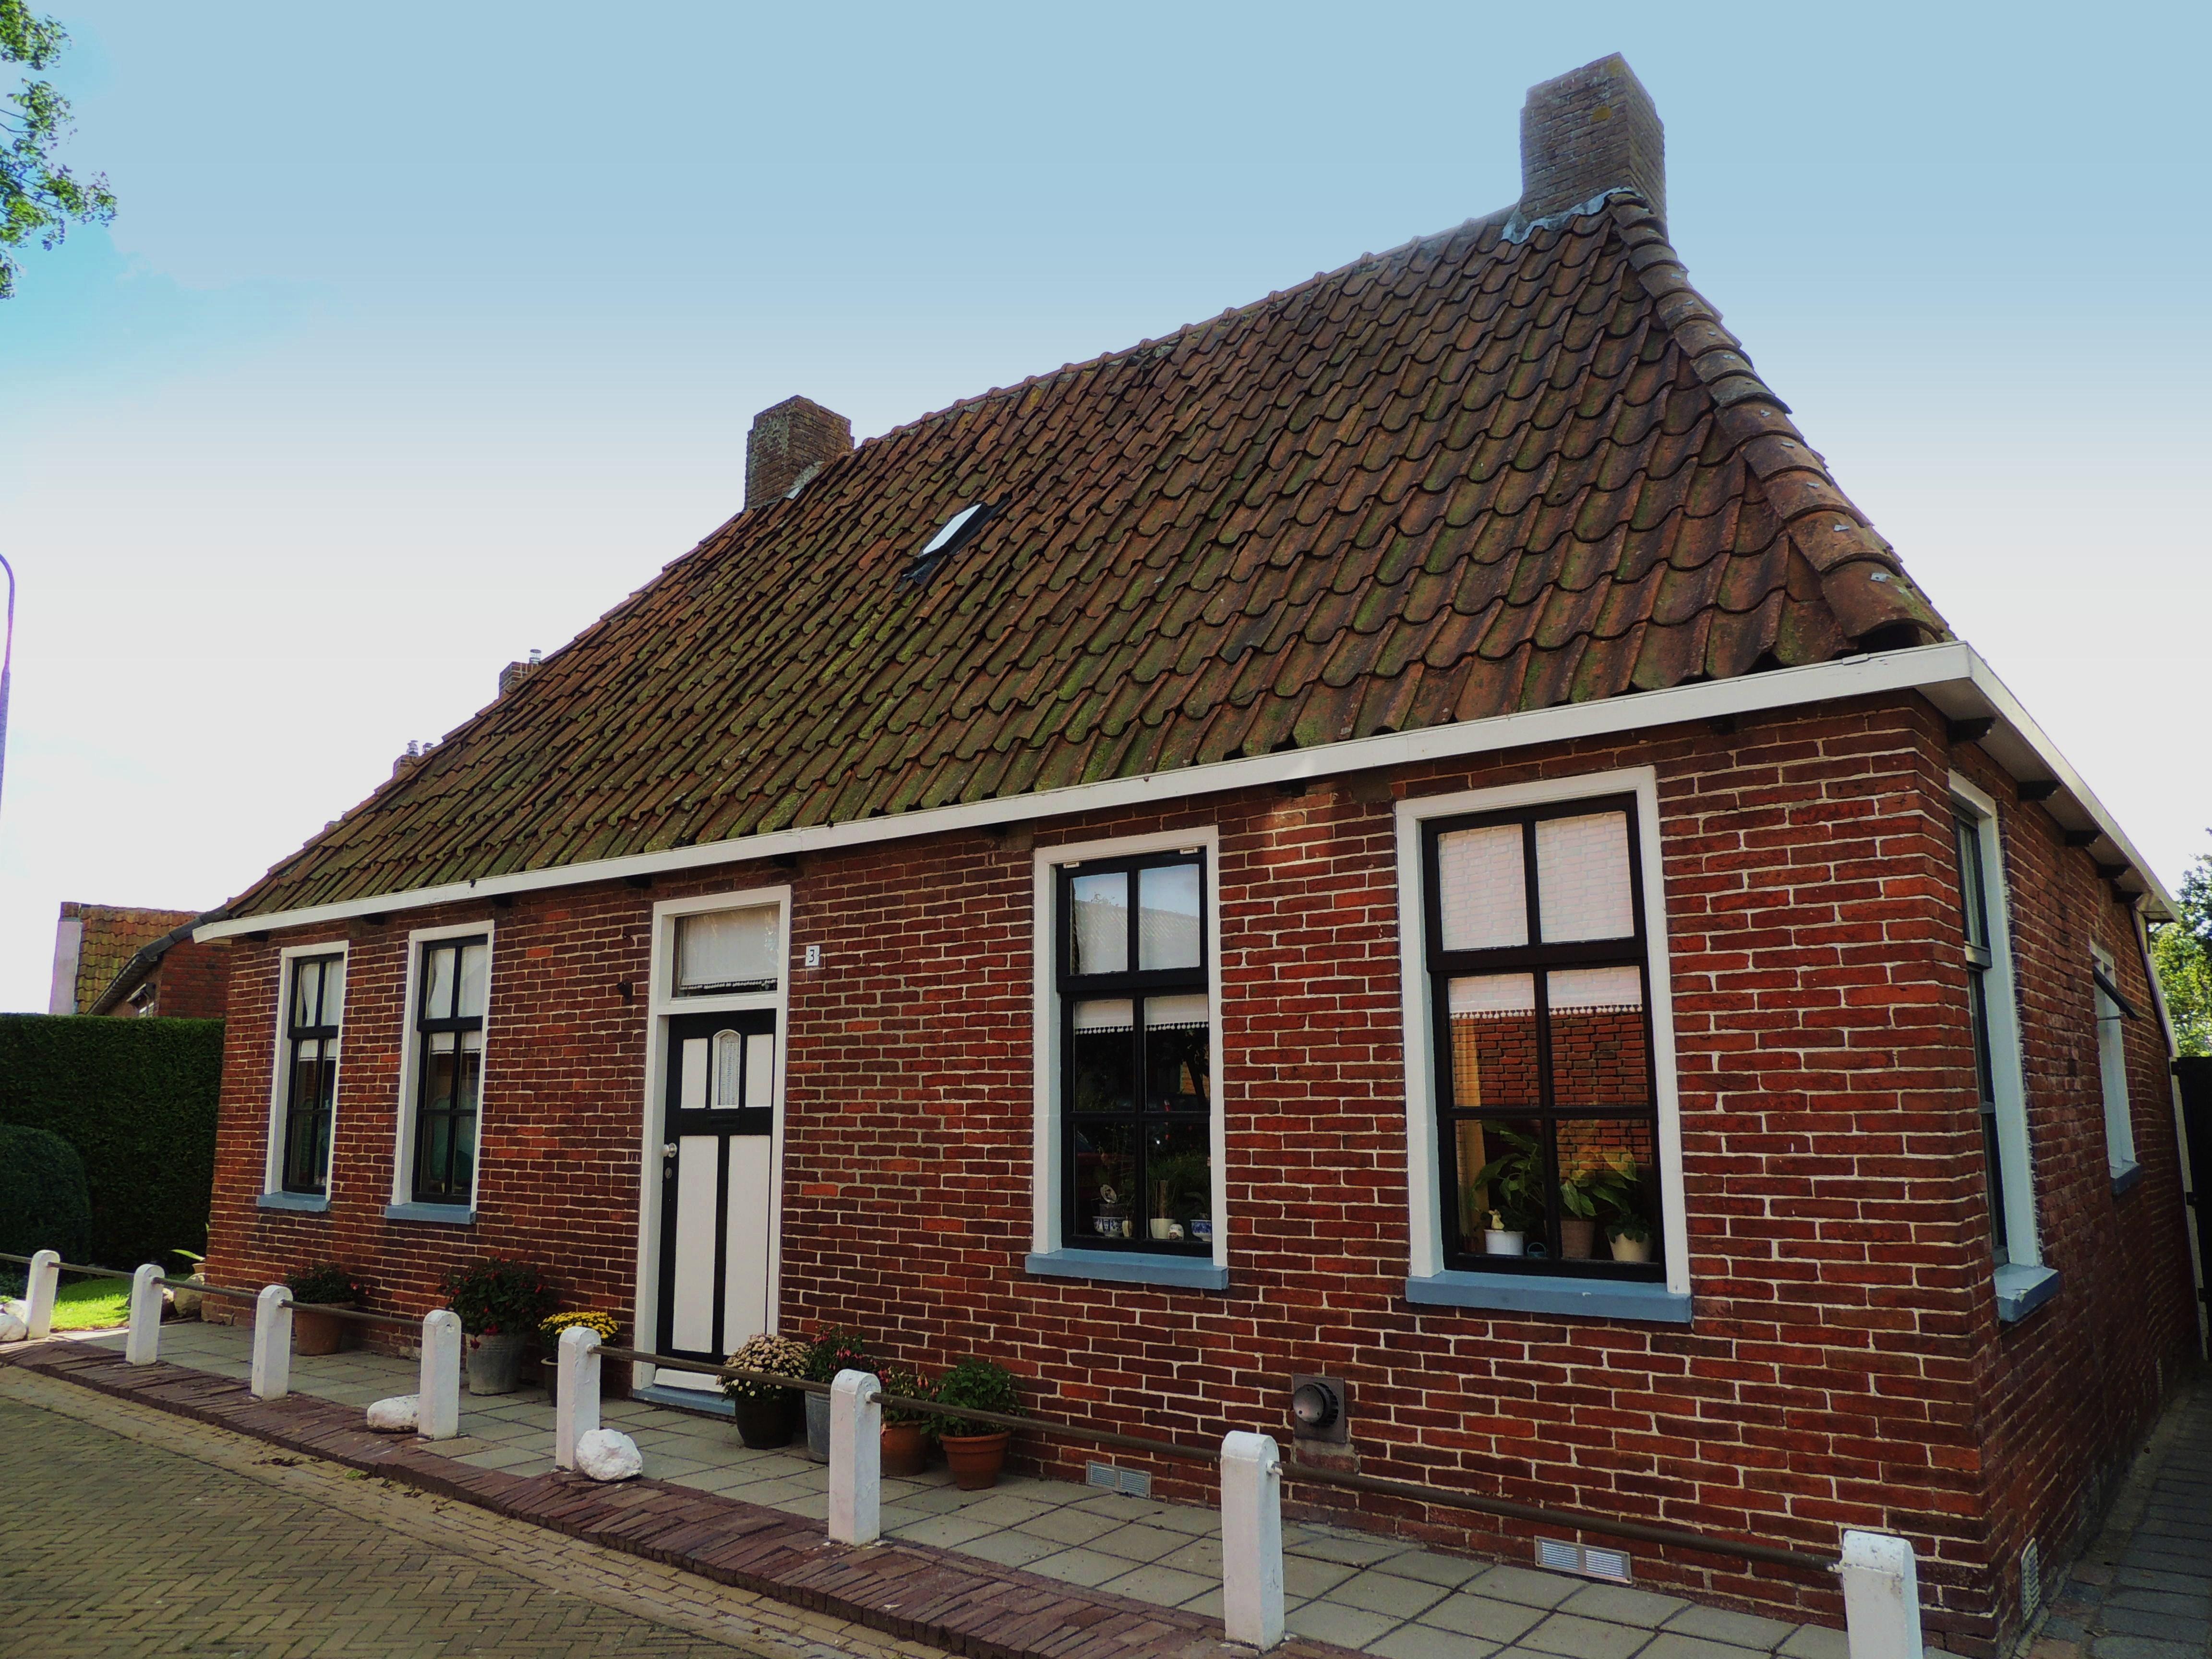 Filehuisje Met Schilddak No 3jpg  Wikimedia Commons